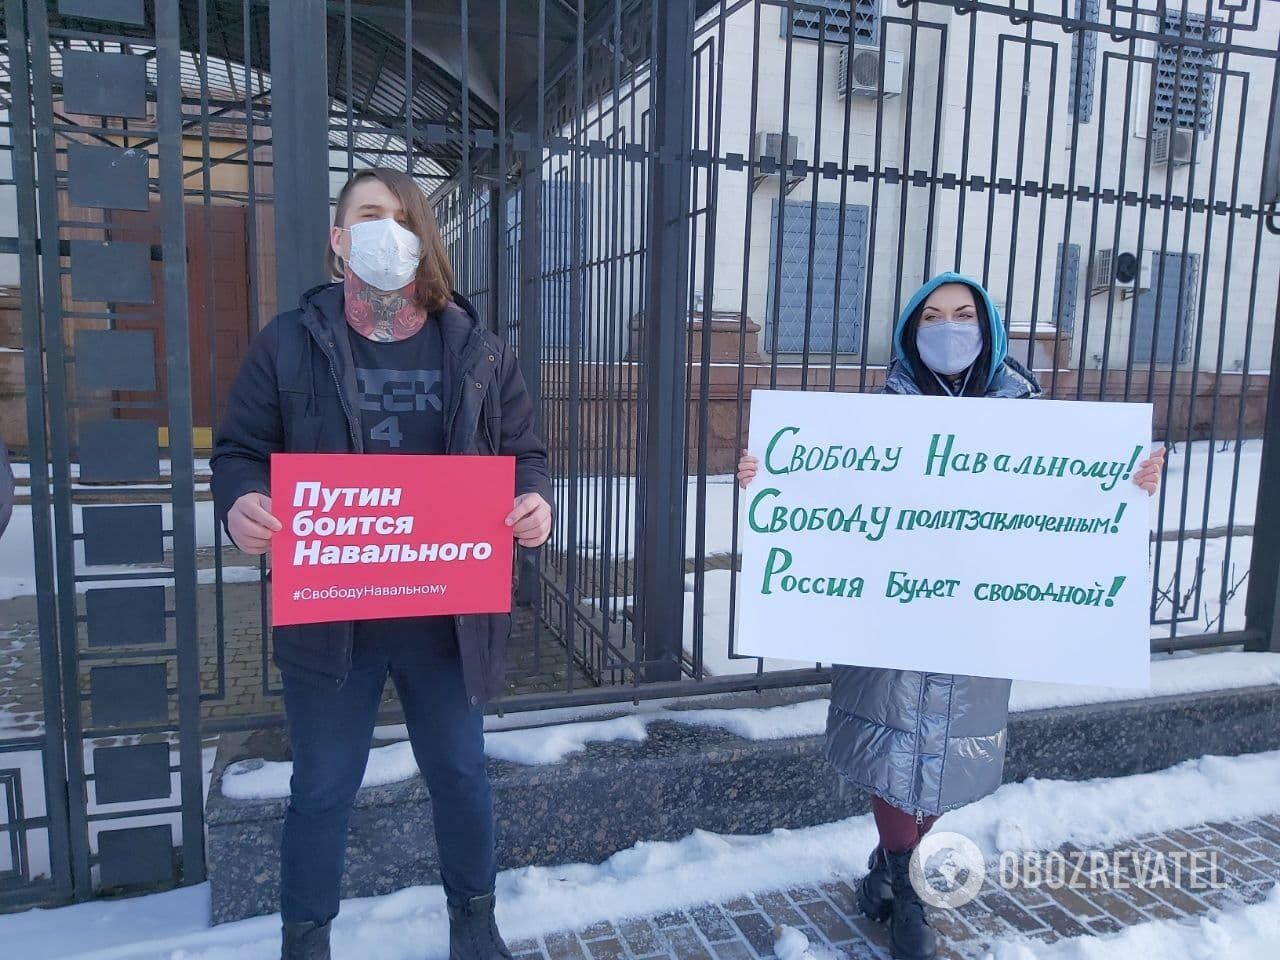 """Активисты держали плакаты """"Хватит врать"""", """"Свободу Навальному"""", """"Путин боится Навального"""""""